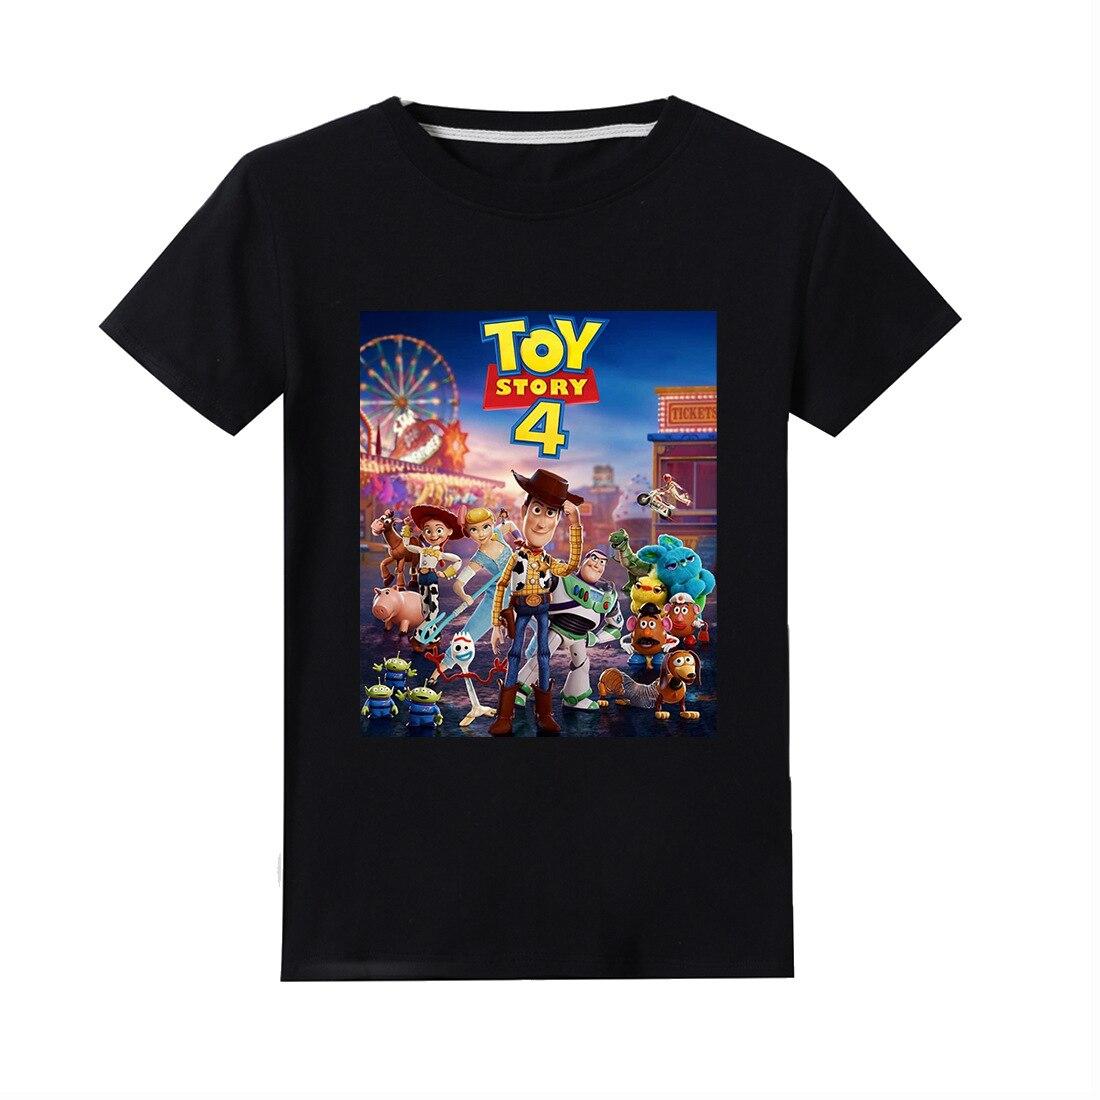 В 2019 году, новая детская футболка с героями мультфильма «История игрушек» хлопковая детская футболка Базз Лайтер/Вуди, летняя одежда